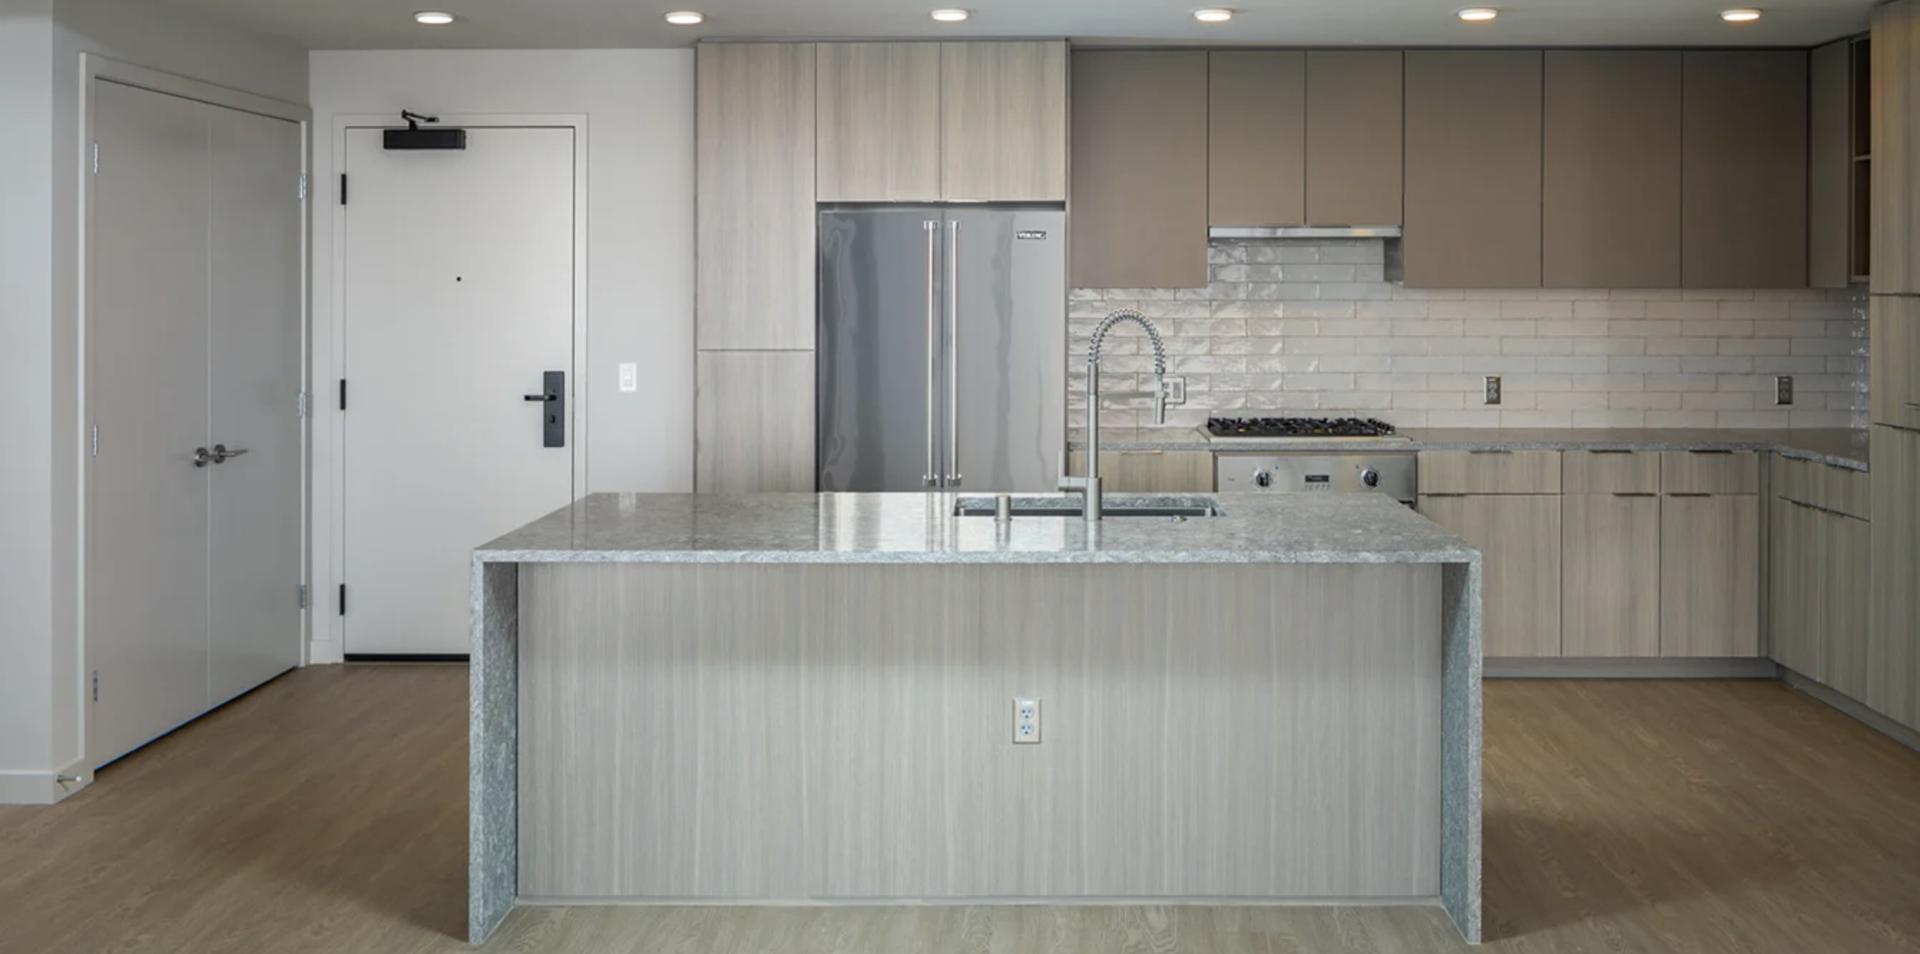 601 11th Avenue #1303, San Diego, CA - $4,615 USD/ month